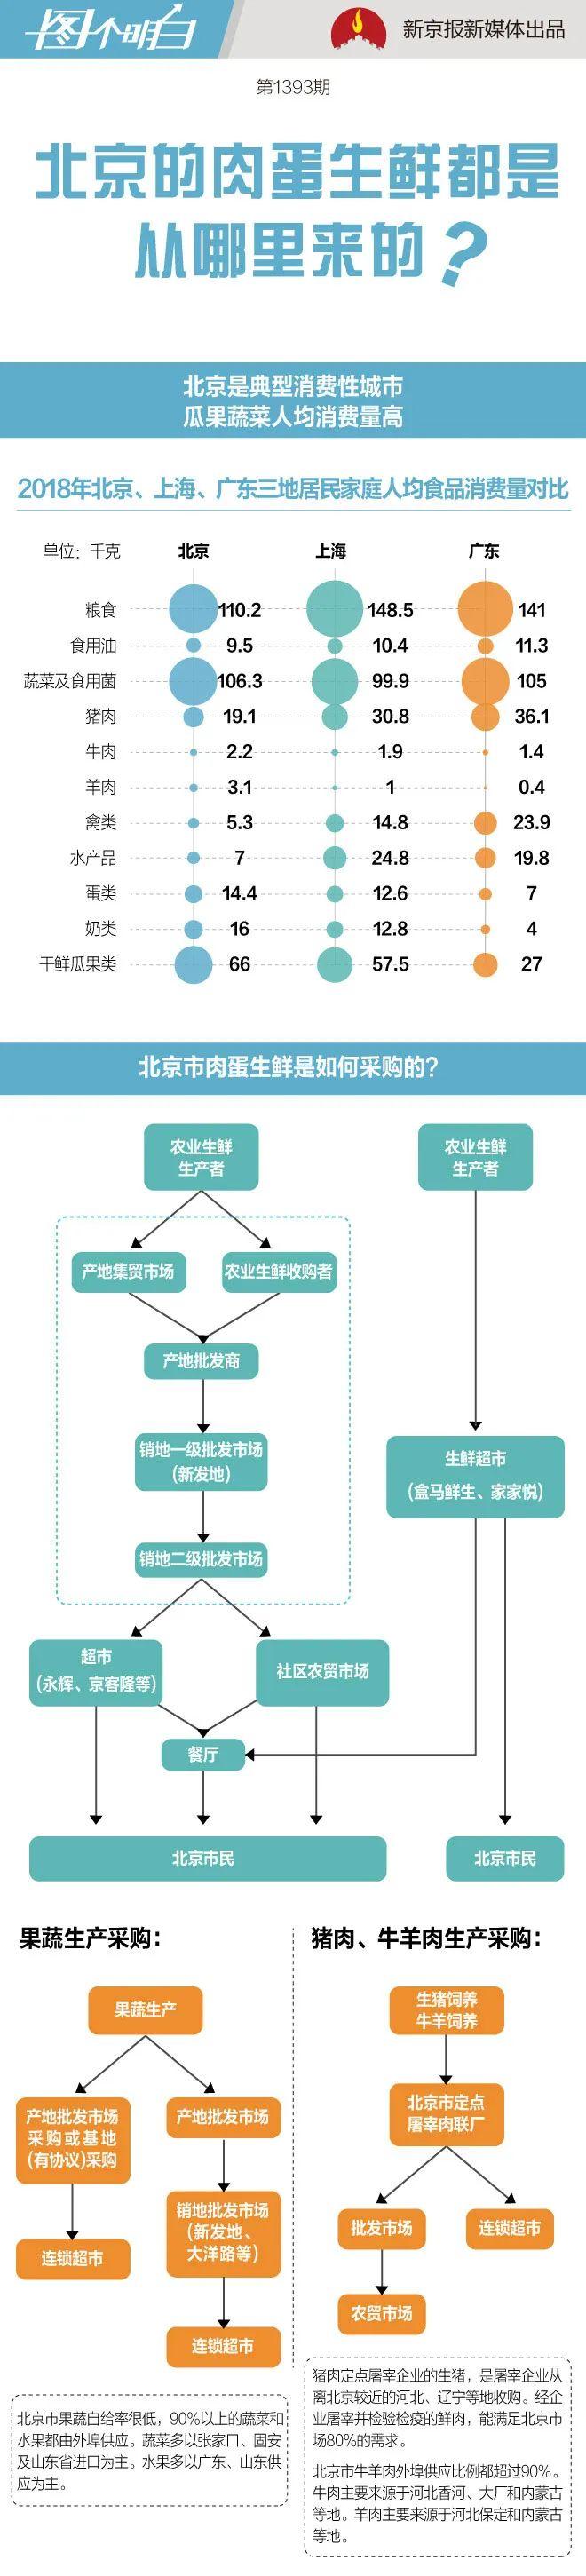 【天富】地按下暂天富停键北京的菜篮子该如何图片